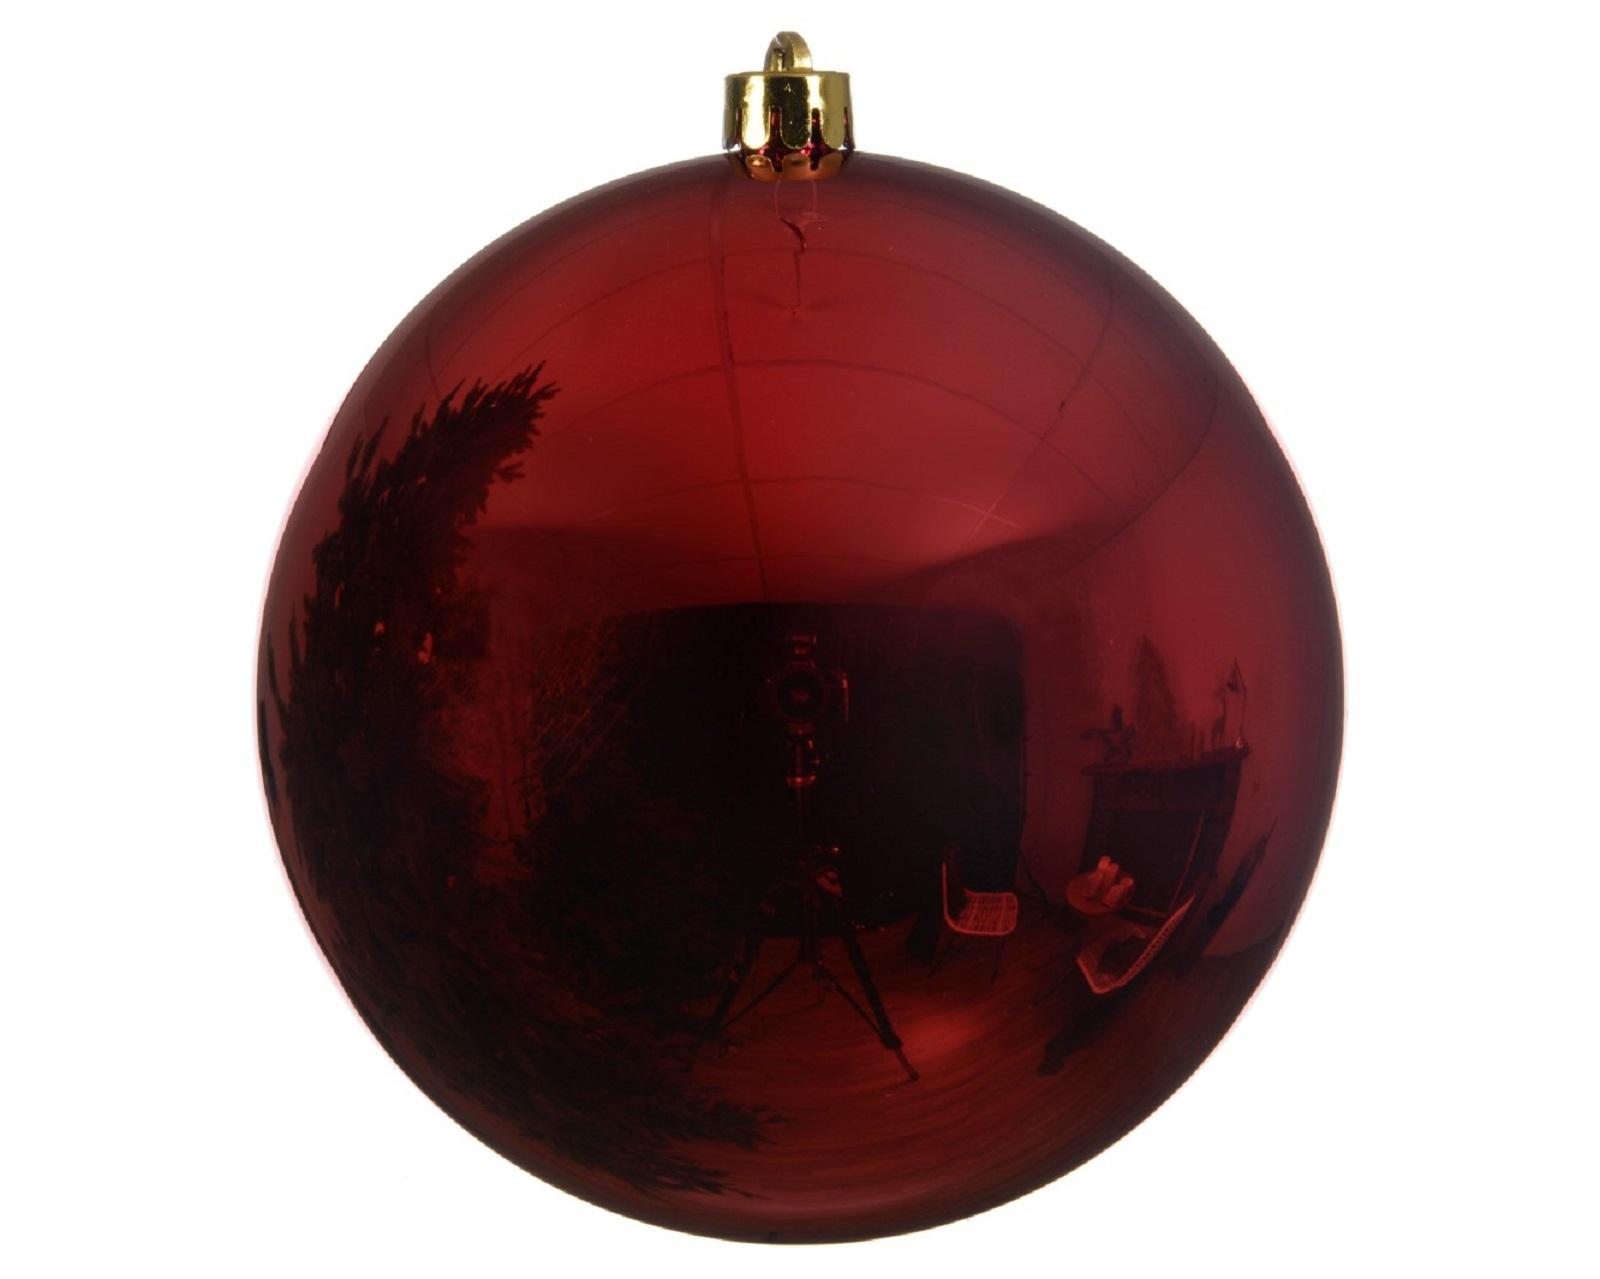 Kugeln Weihnachtskugeln bruchfest  Weihnachtsdeko Baumschmuck rot  Ø 14 cm